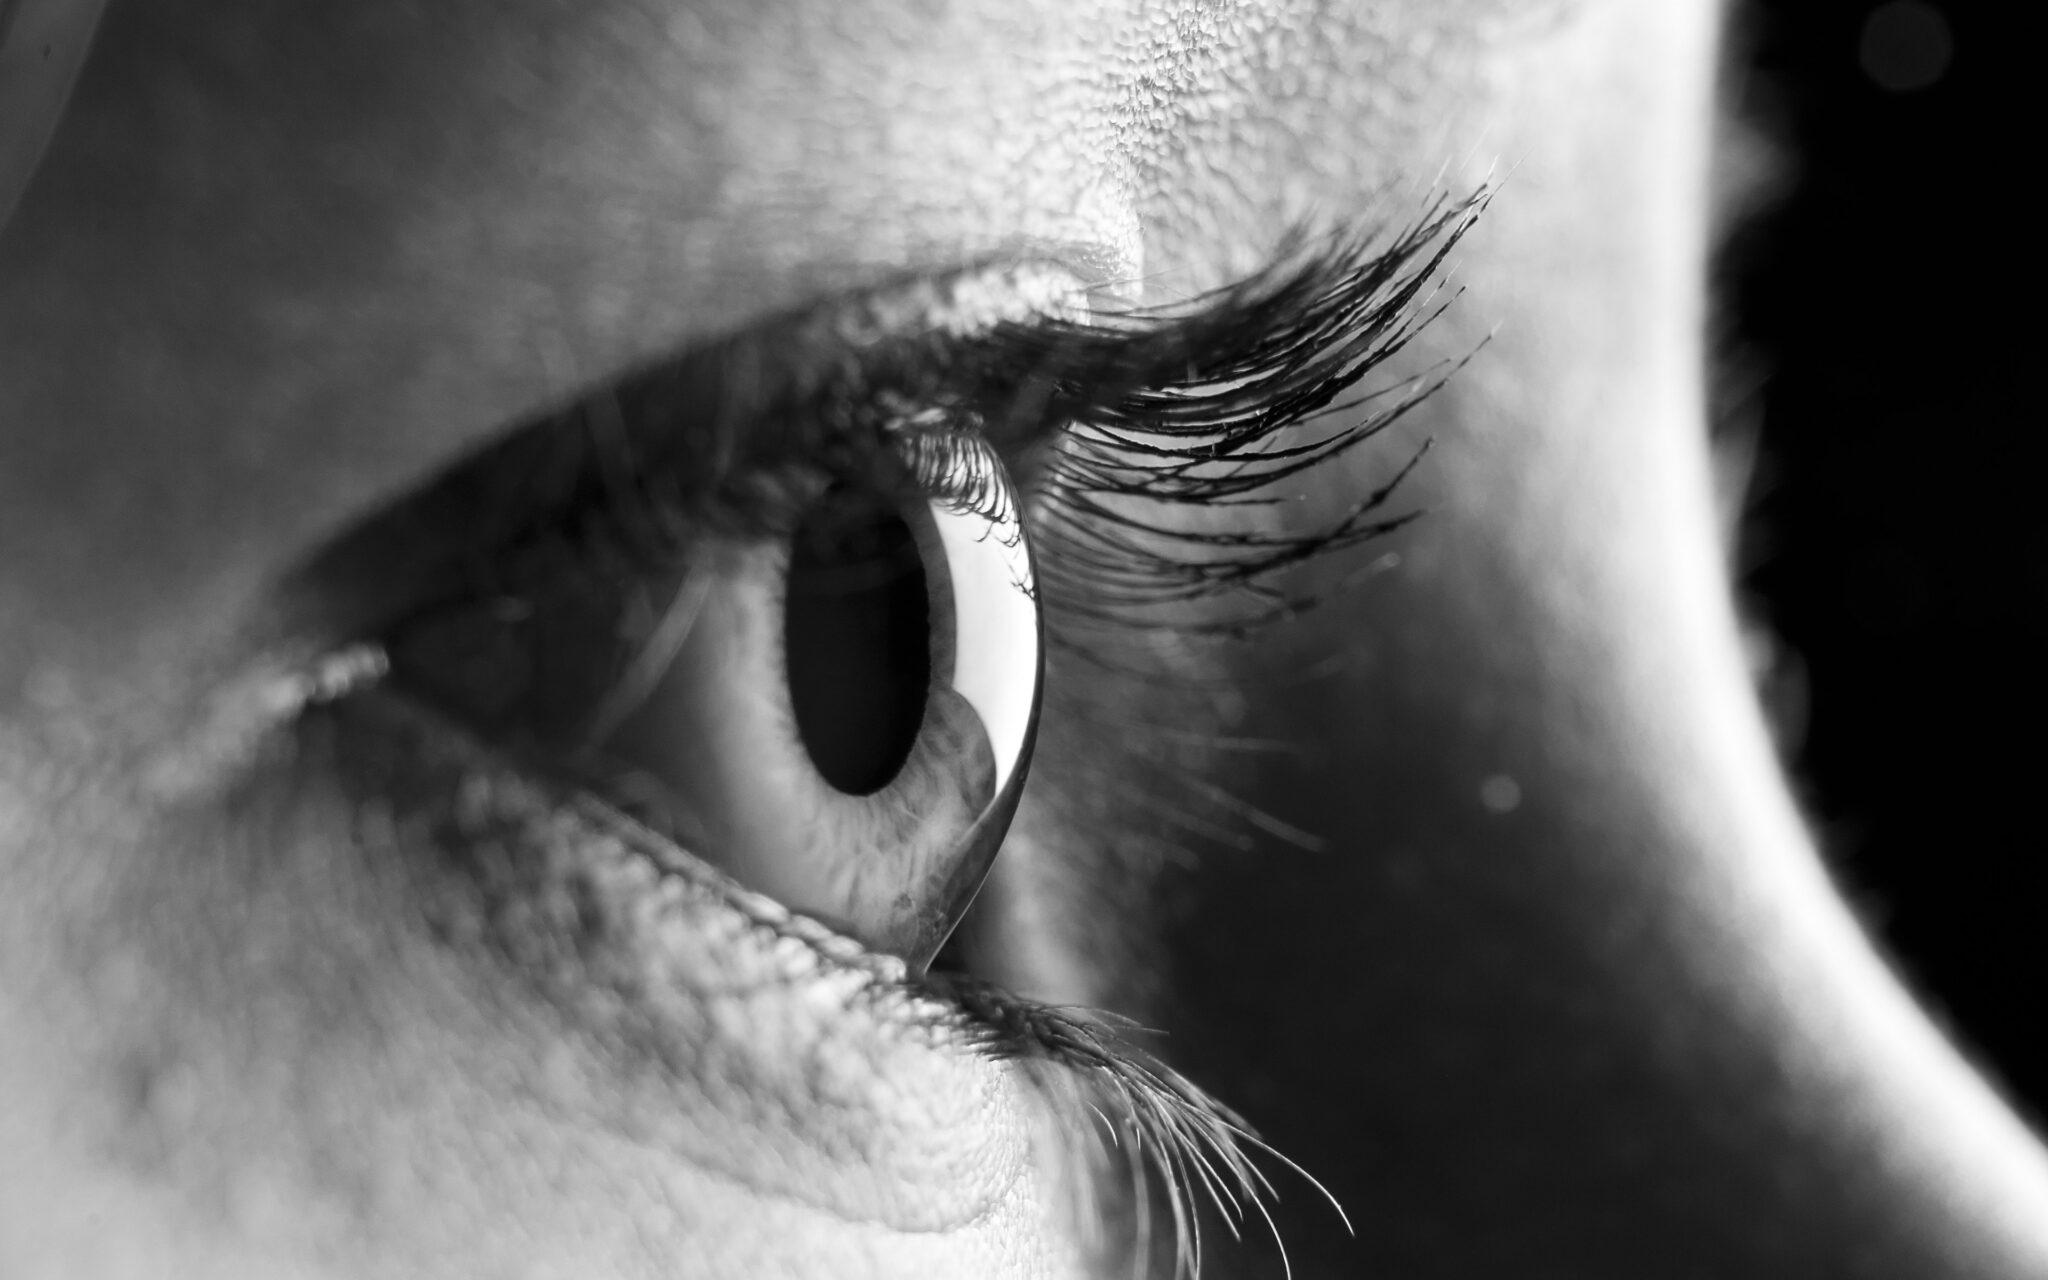 Occhio di donna